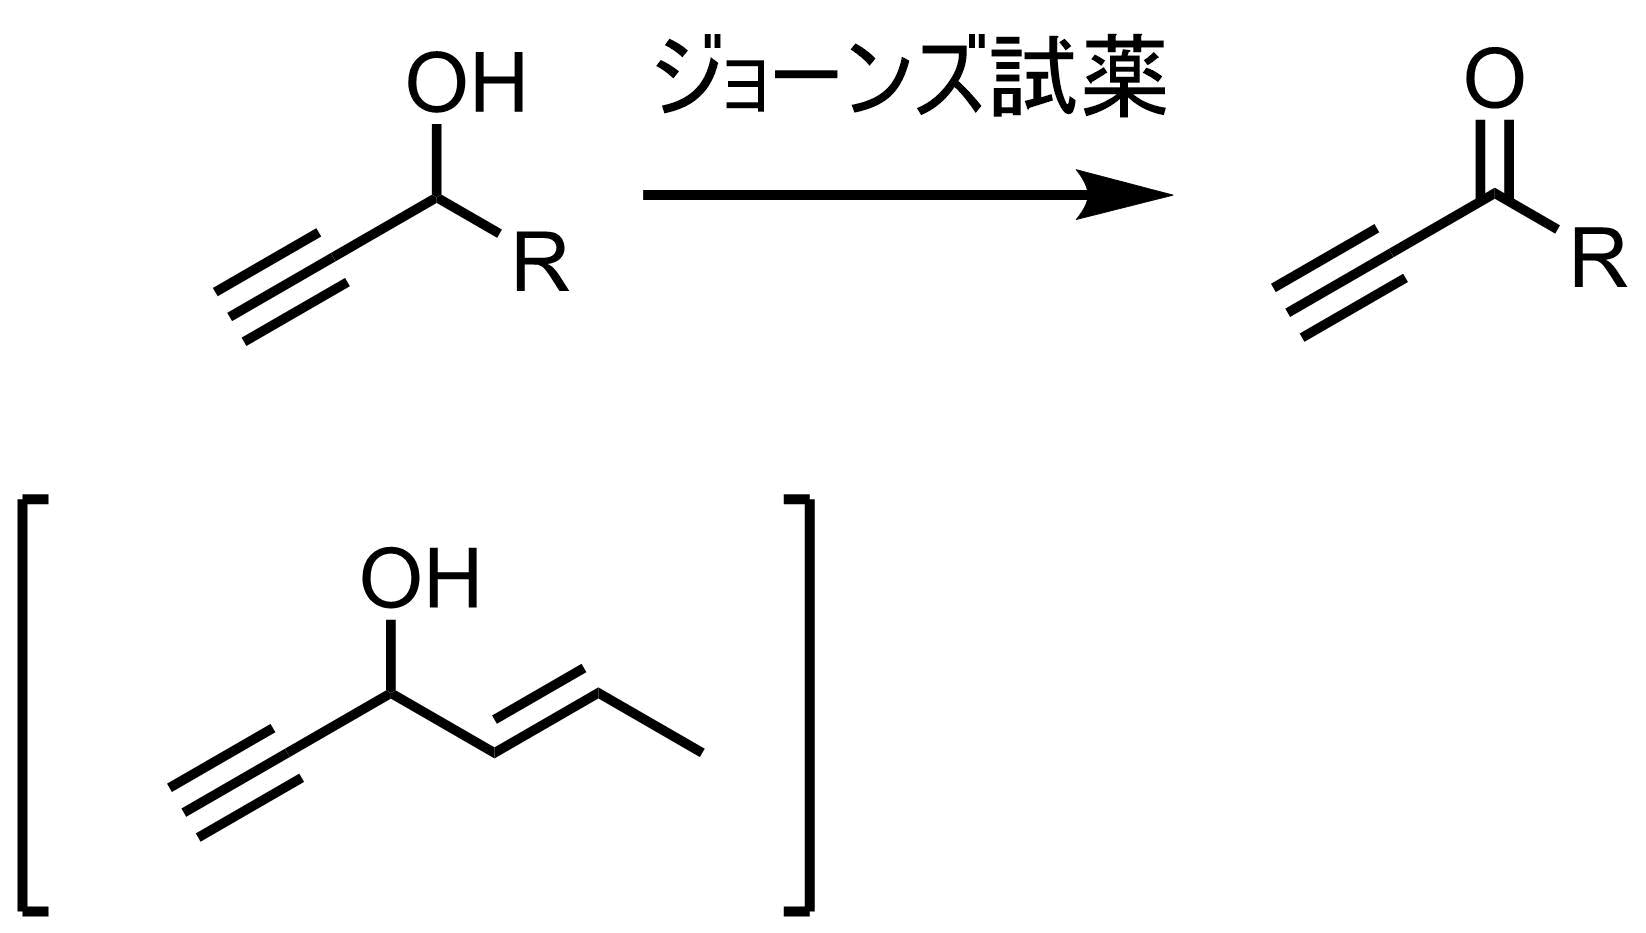 ジョーンズ酸化の例1